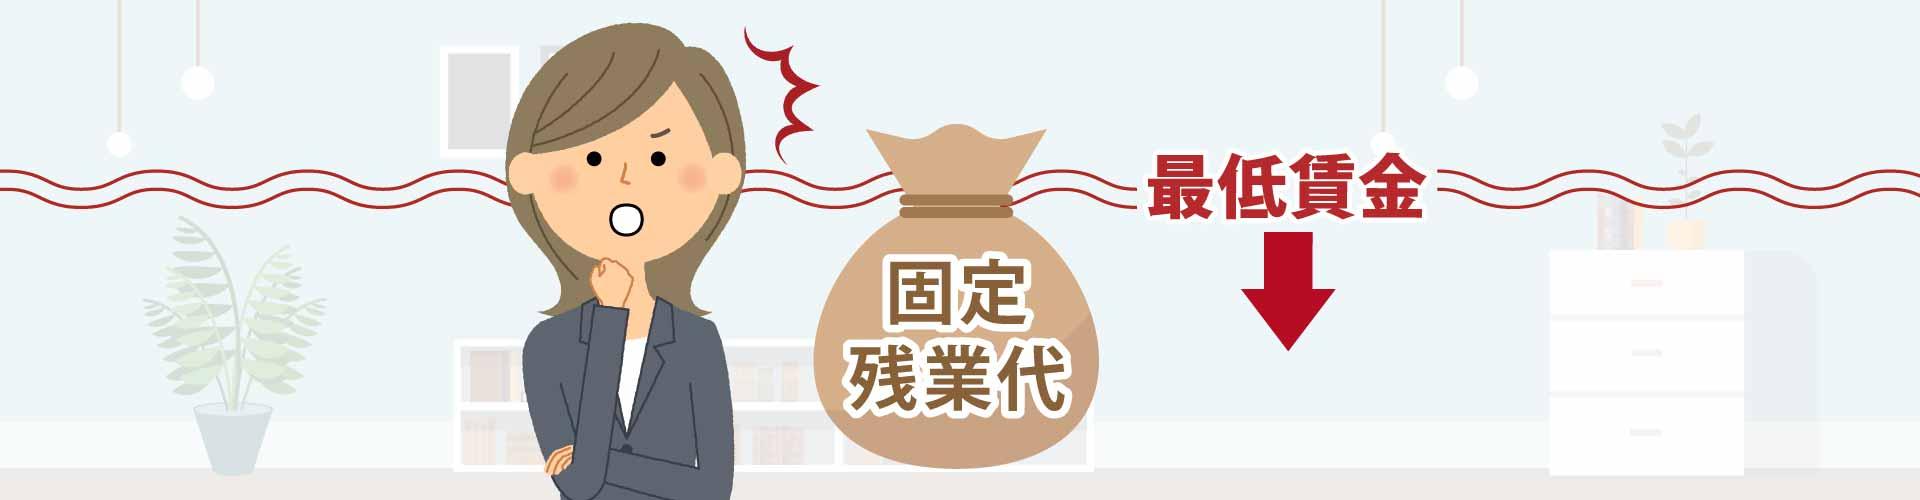 都 賃金 東京 2021 最低 美プロ調べ「2021年4月 最低賃金から見る美容業界の給料調査」~埼玉版~